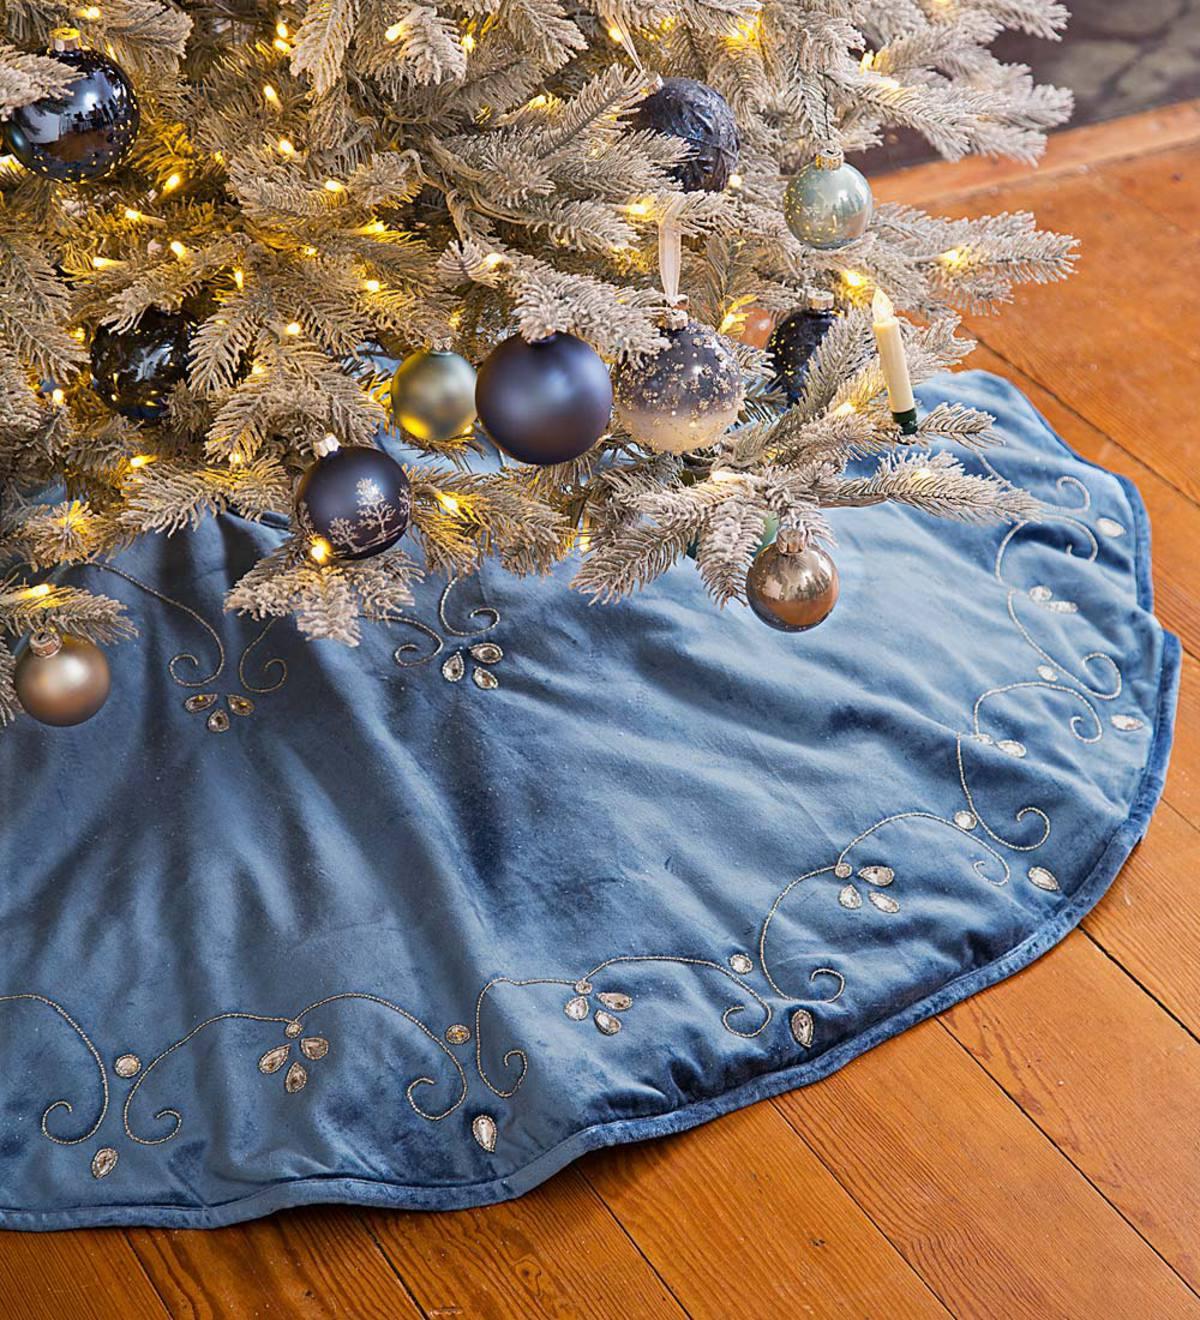 Blue Velvet Christmas Tree Skirt Plowhearth